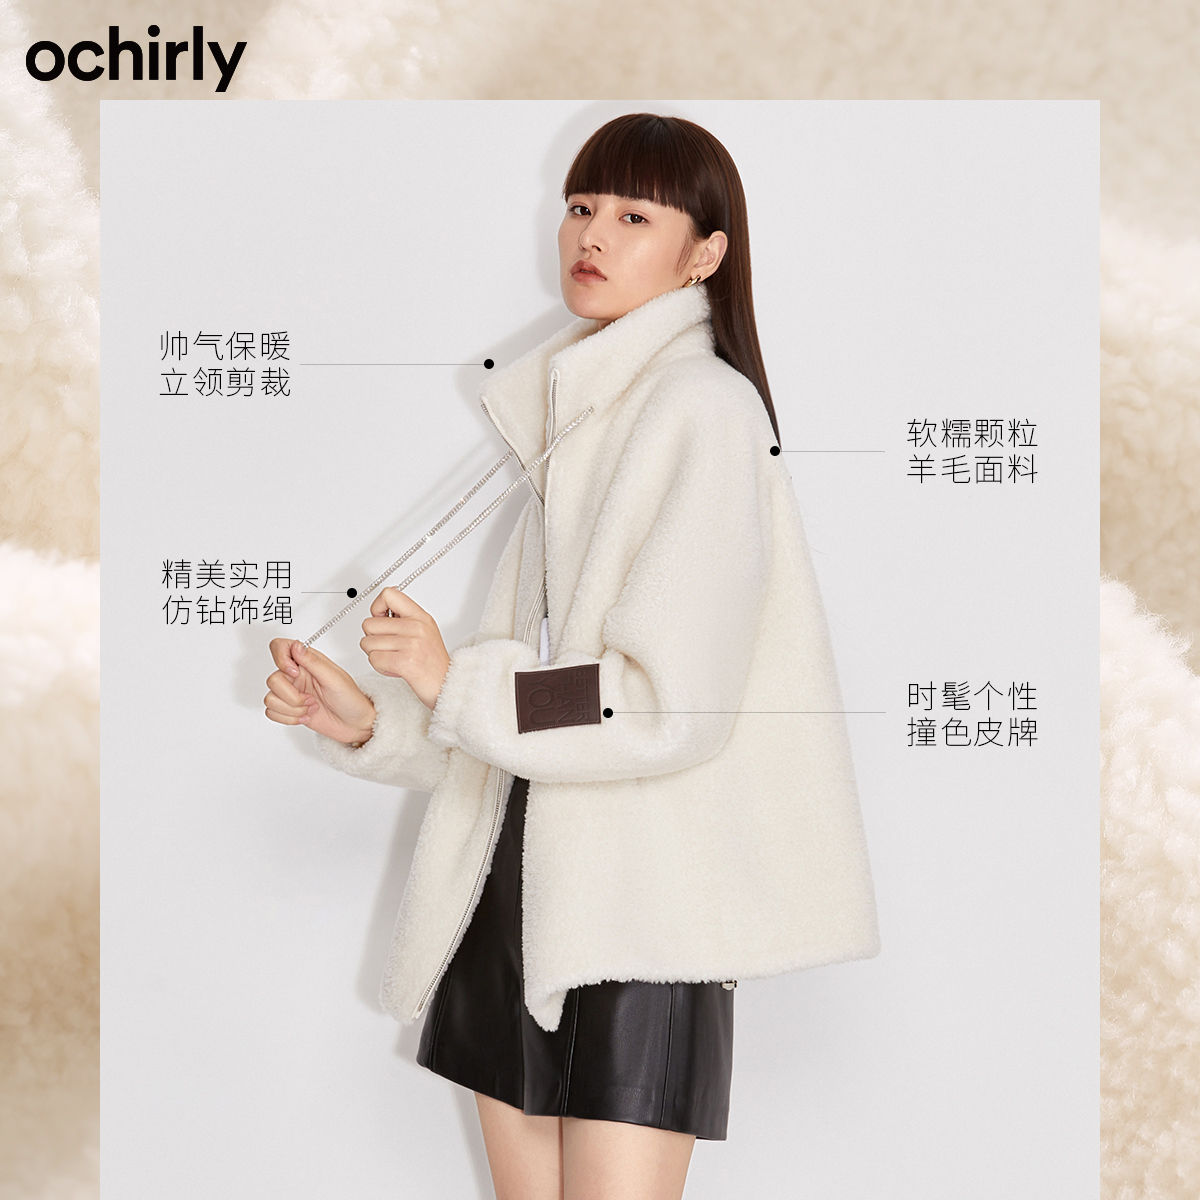 【免定金】欧时力2021新款冬装颗粒羊毛绒羊毛羔环保皮草外套